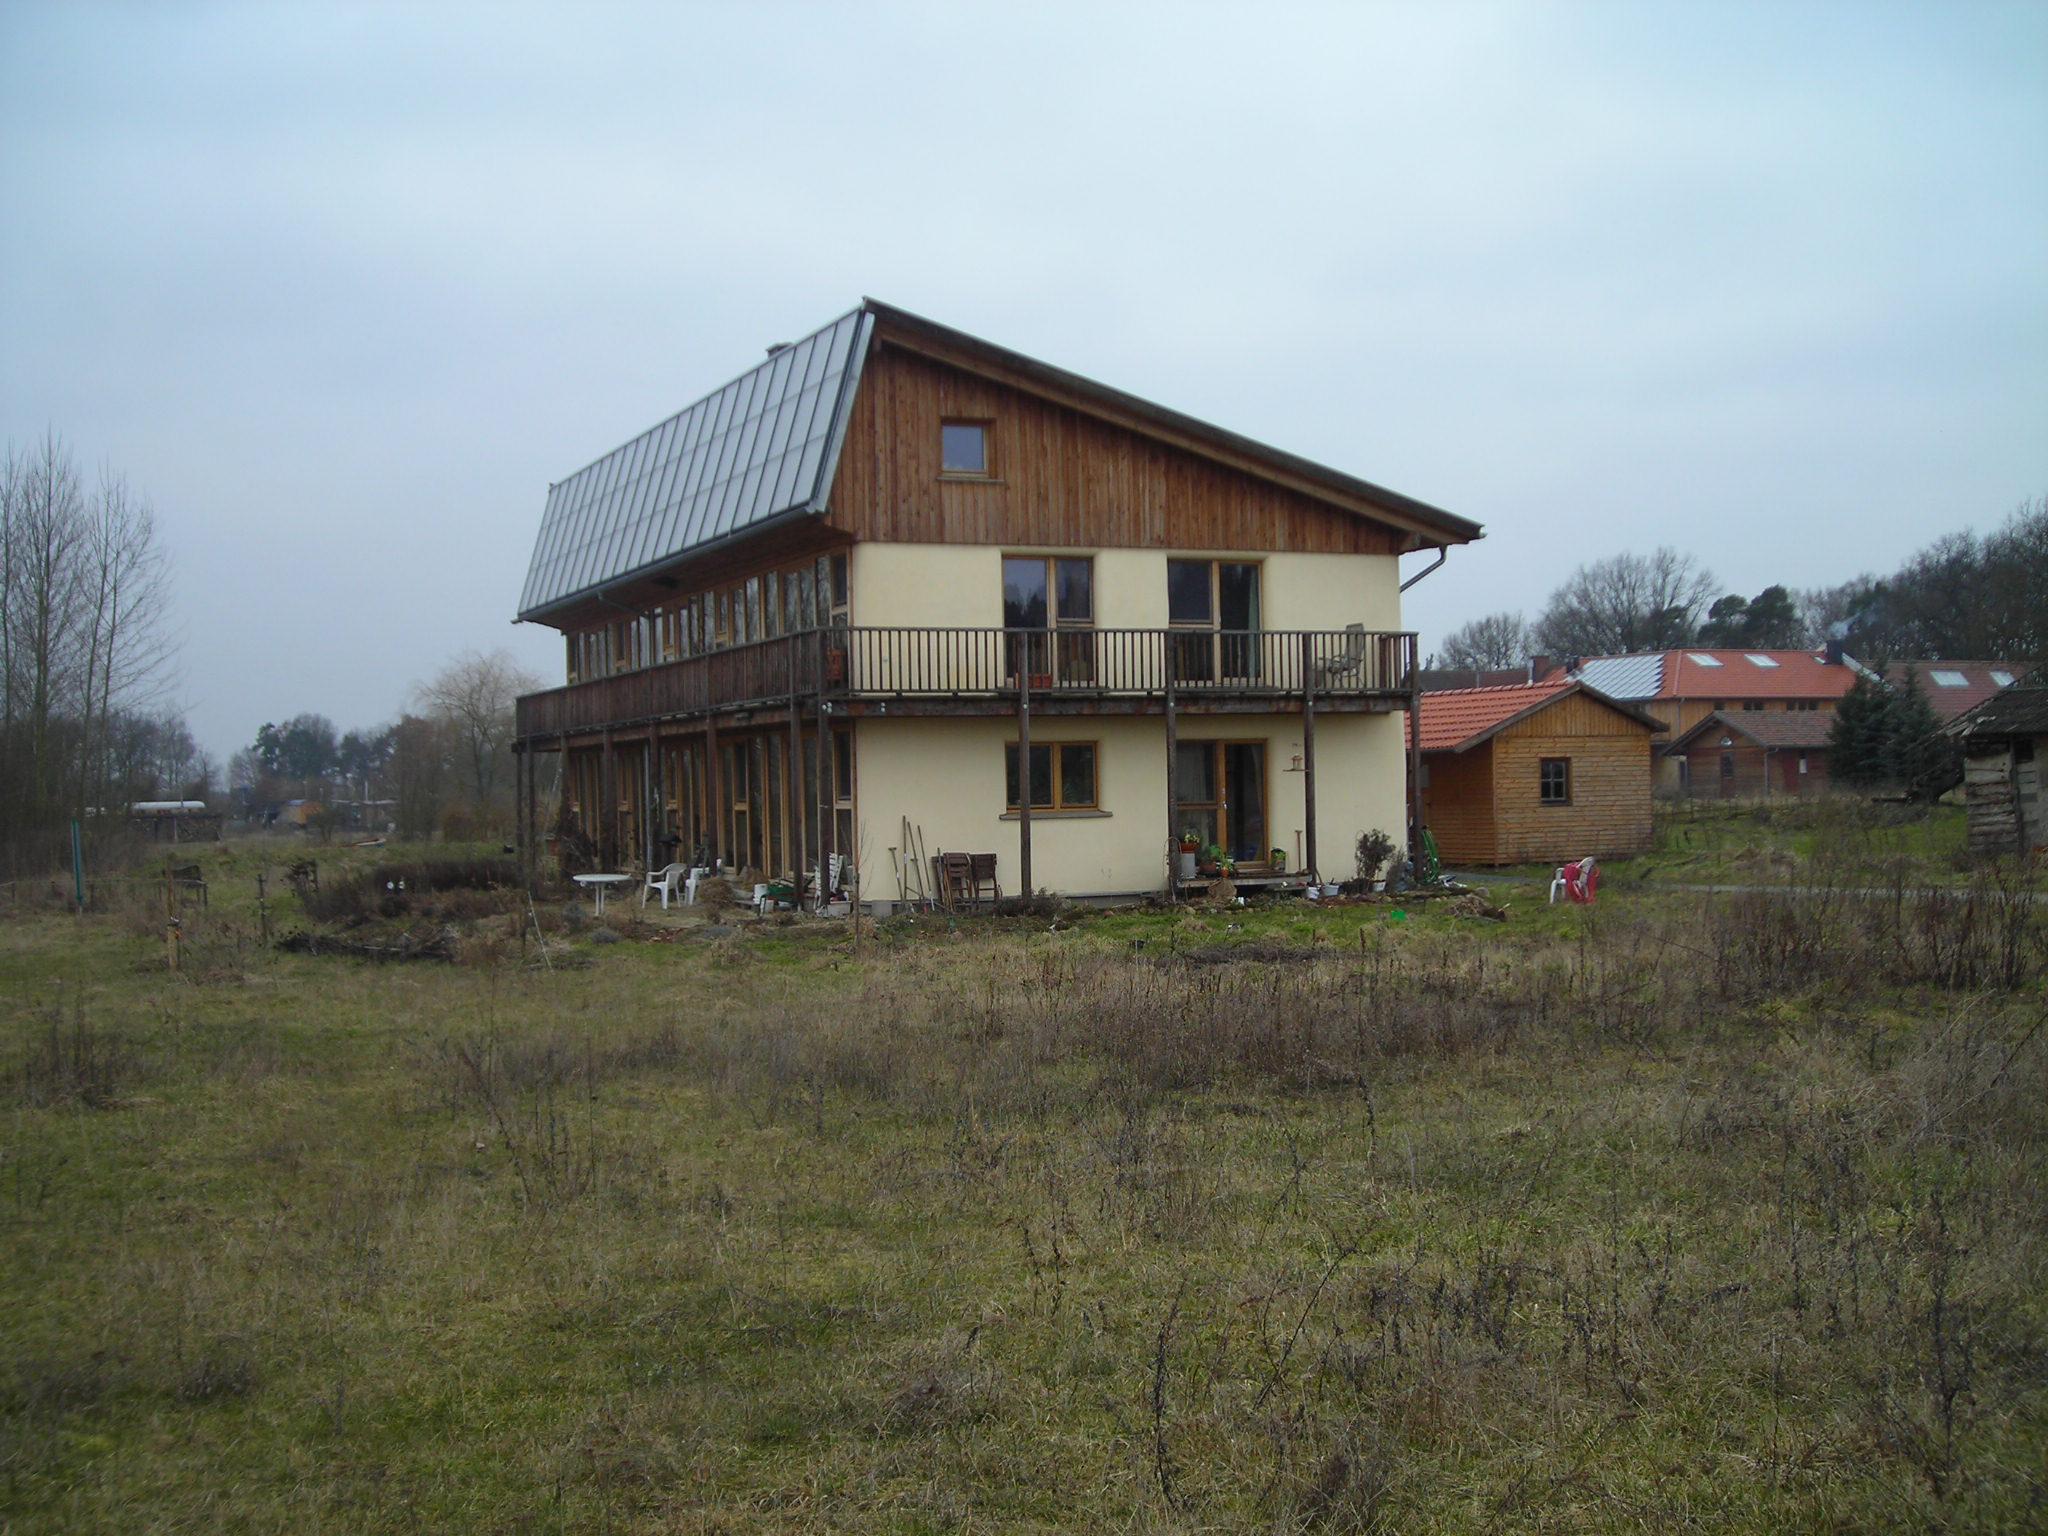 In Germania si costruisce il futuro: l'ecovillaggio di Sieben Linden